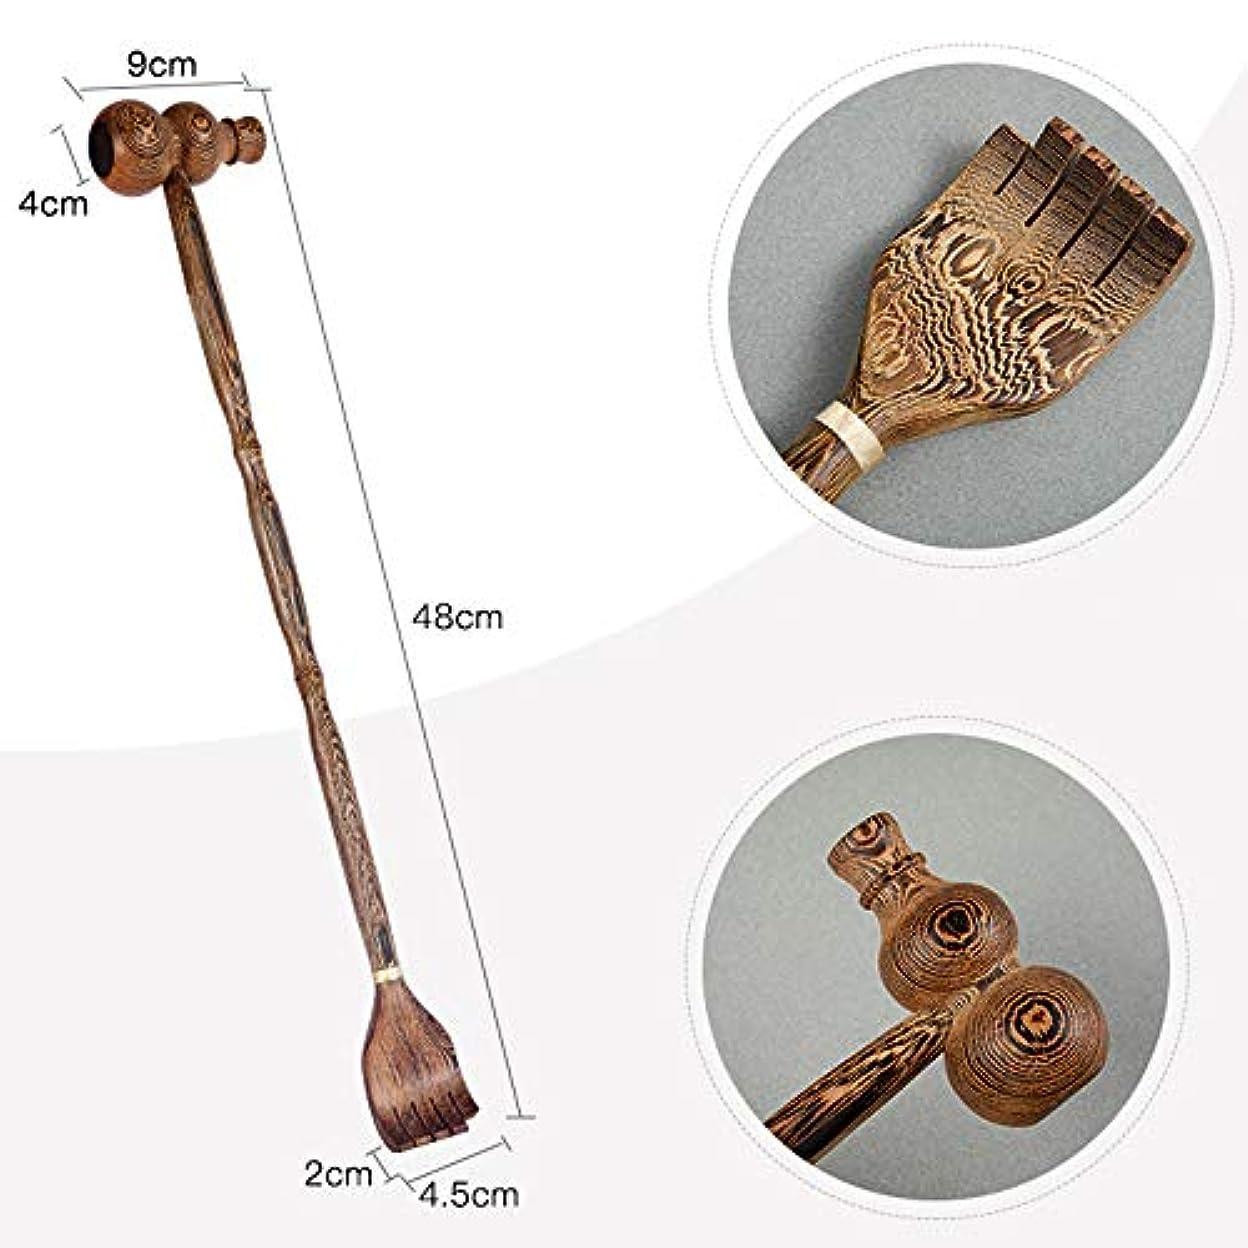 かける市民ハードウェアAkagi 背中掻きブラシ 木製 まごのて 敬老の日 プレゼント高人気 背中かゆみを止め マッサージ用